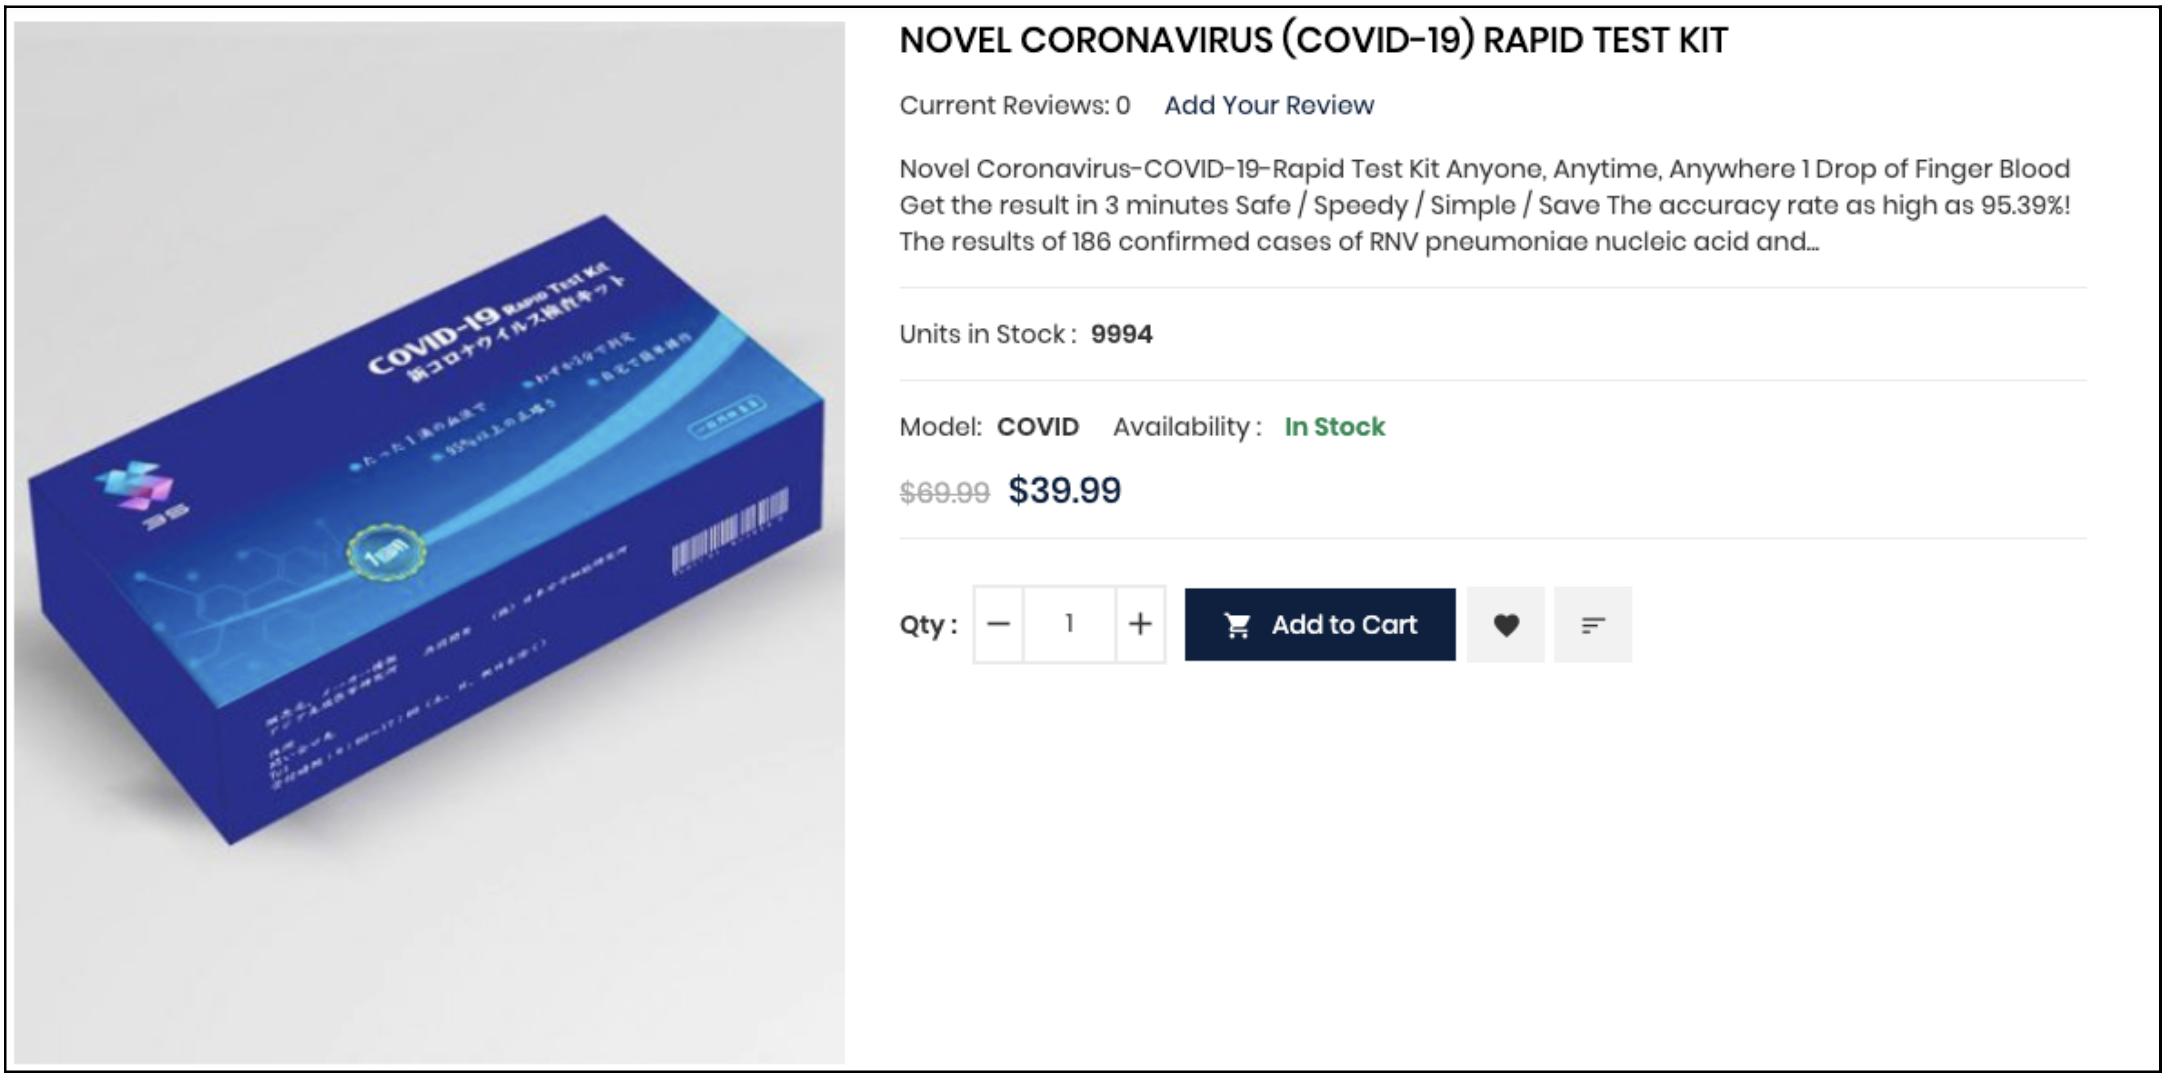 Coronavirus COVID-19 self-test kit